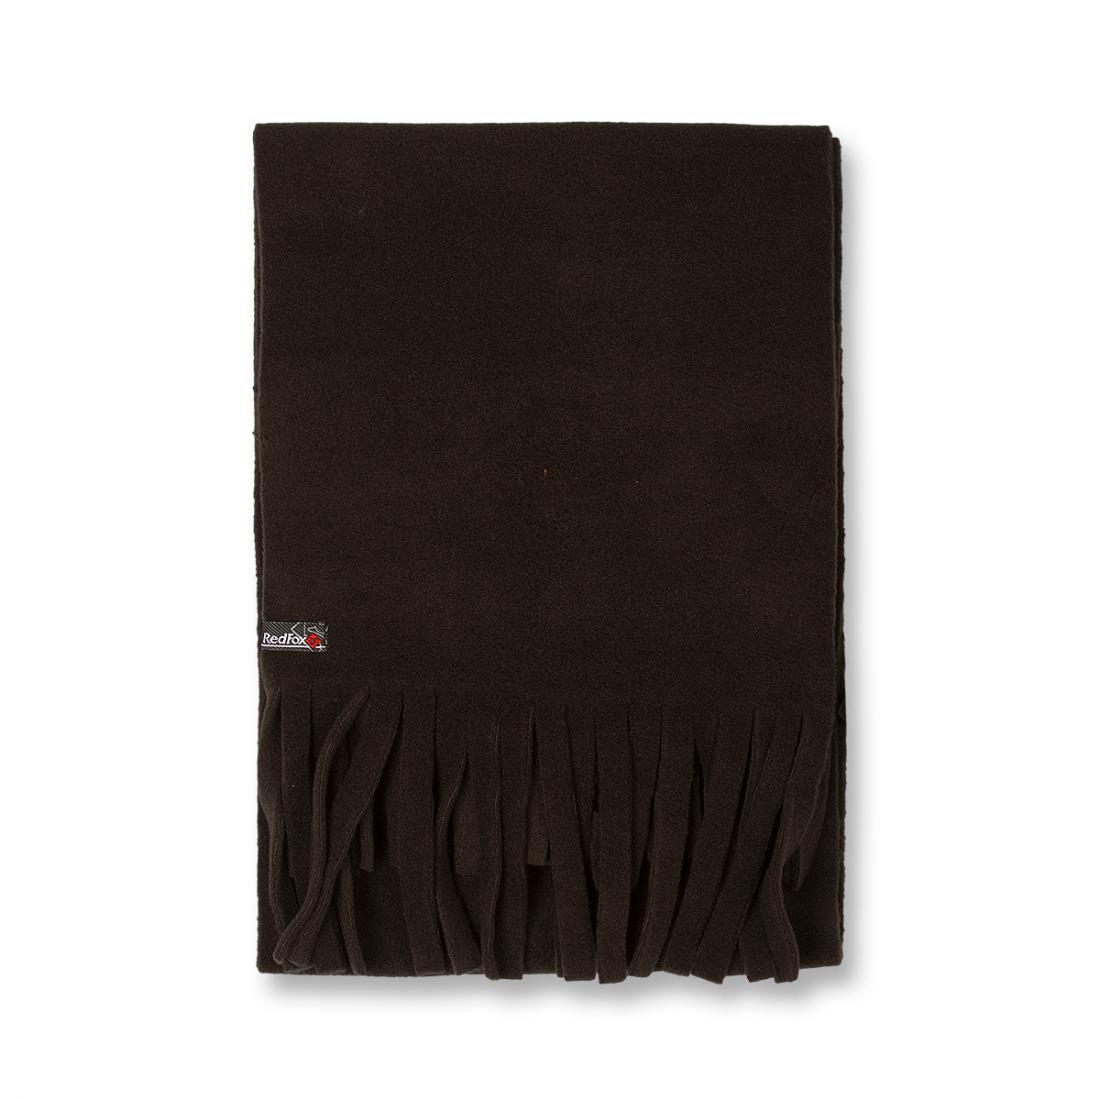 Шарф Polartec 200Шарфы<br>Классический шарф в современном исполнении из материала Polartec® 200.<br> <br> Особенности<br><br>Основное назначение: Повседневное городское...<br><br>Цвет: Черный<br>Размер: None